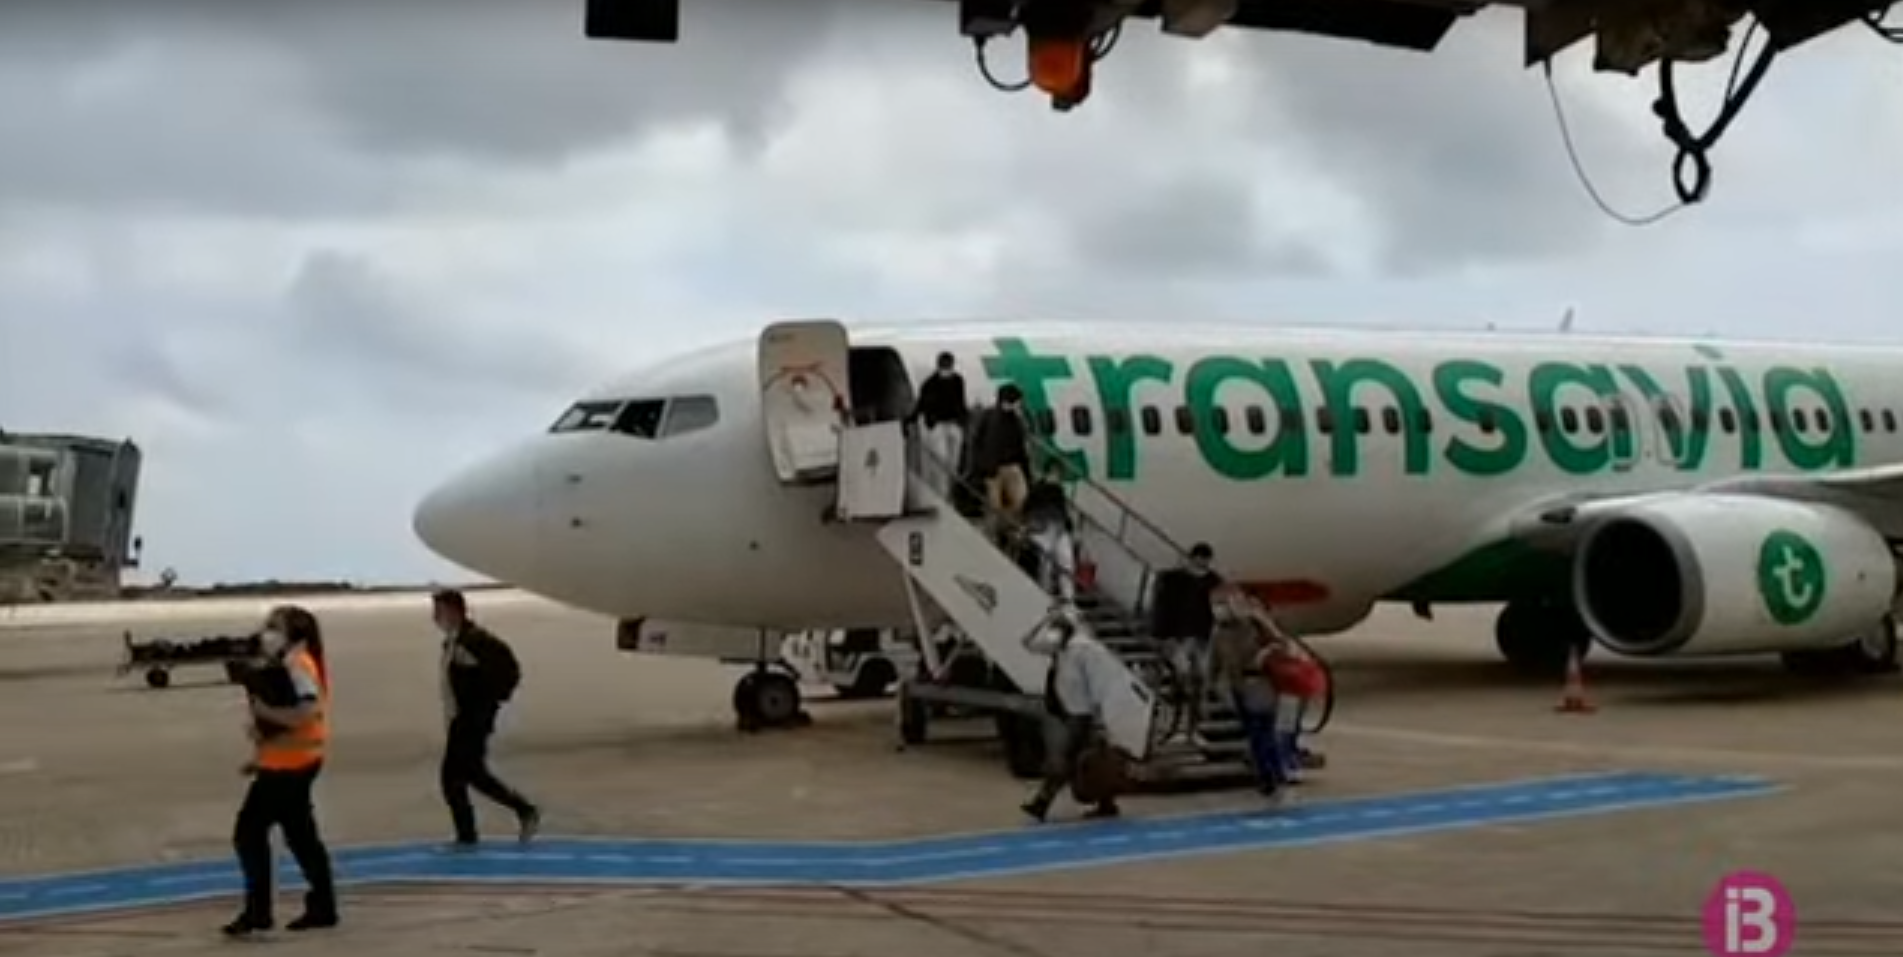 Els+passatgers+dels+primer+vol+internacional+se+senten+segurs+amb+les+mesures+sanit%C3%A0ries